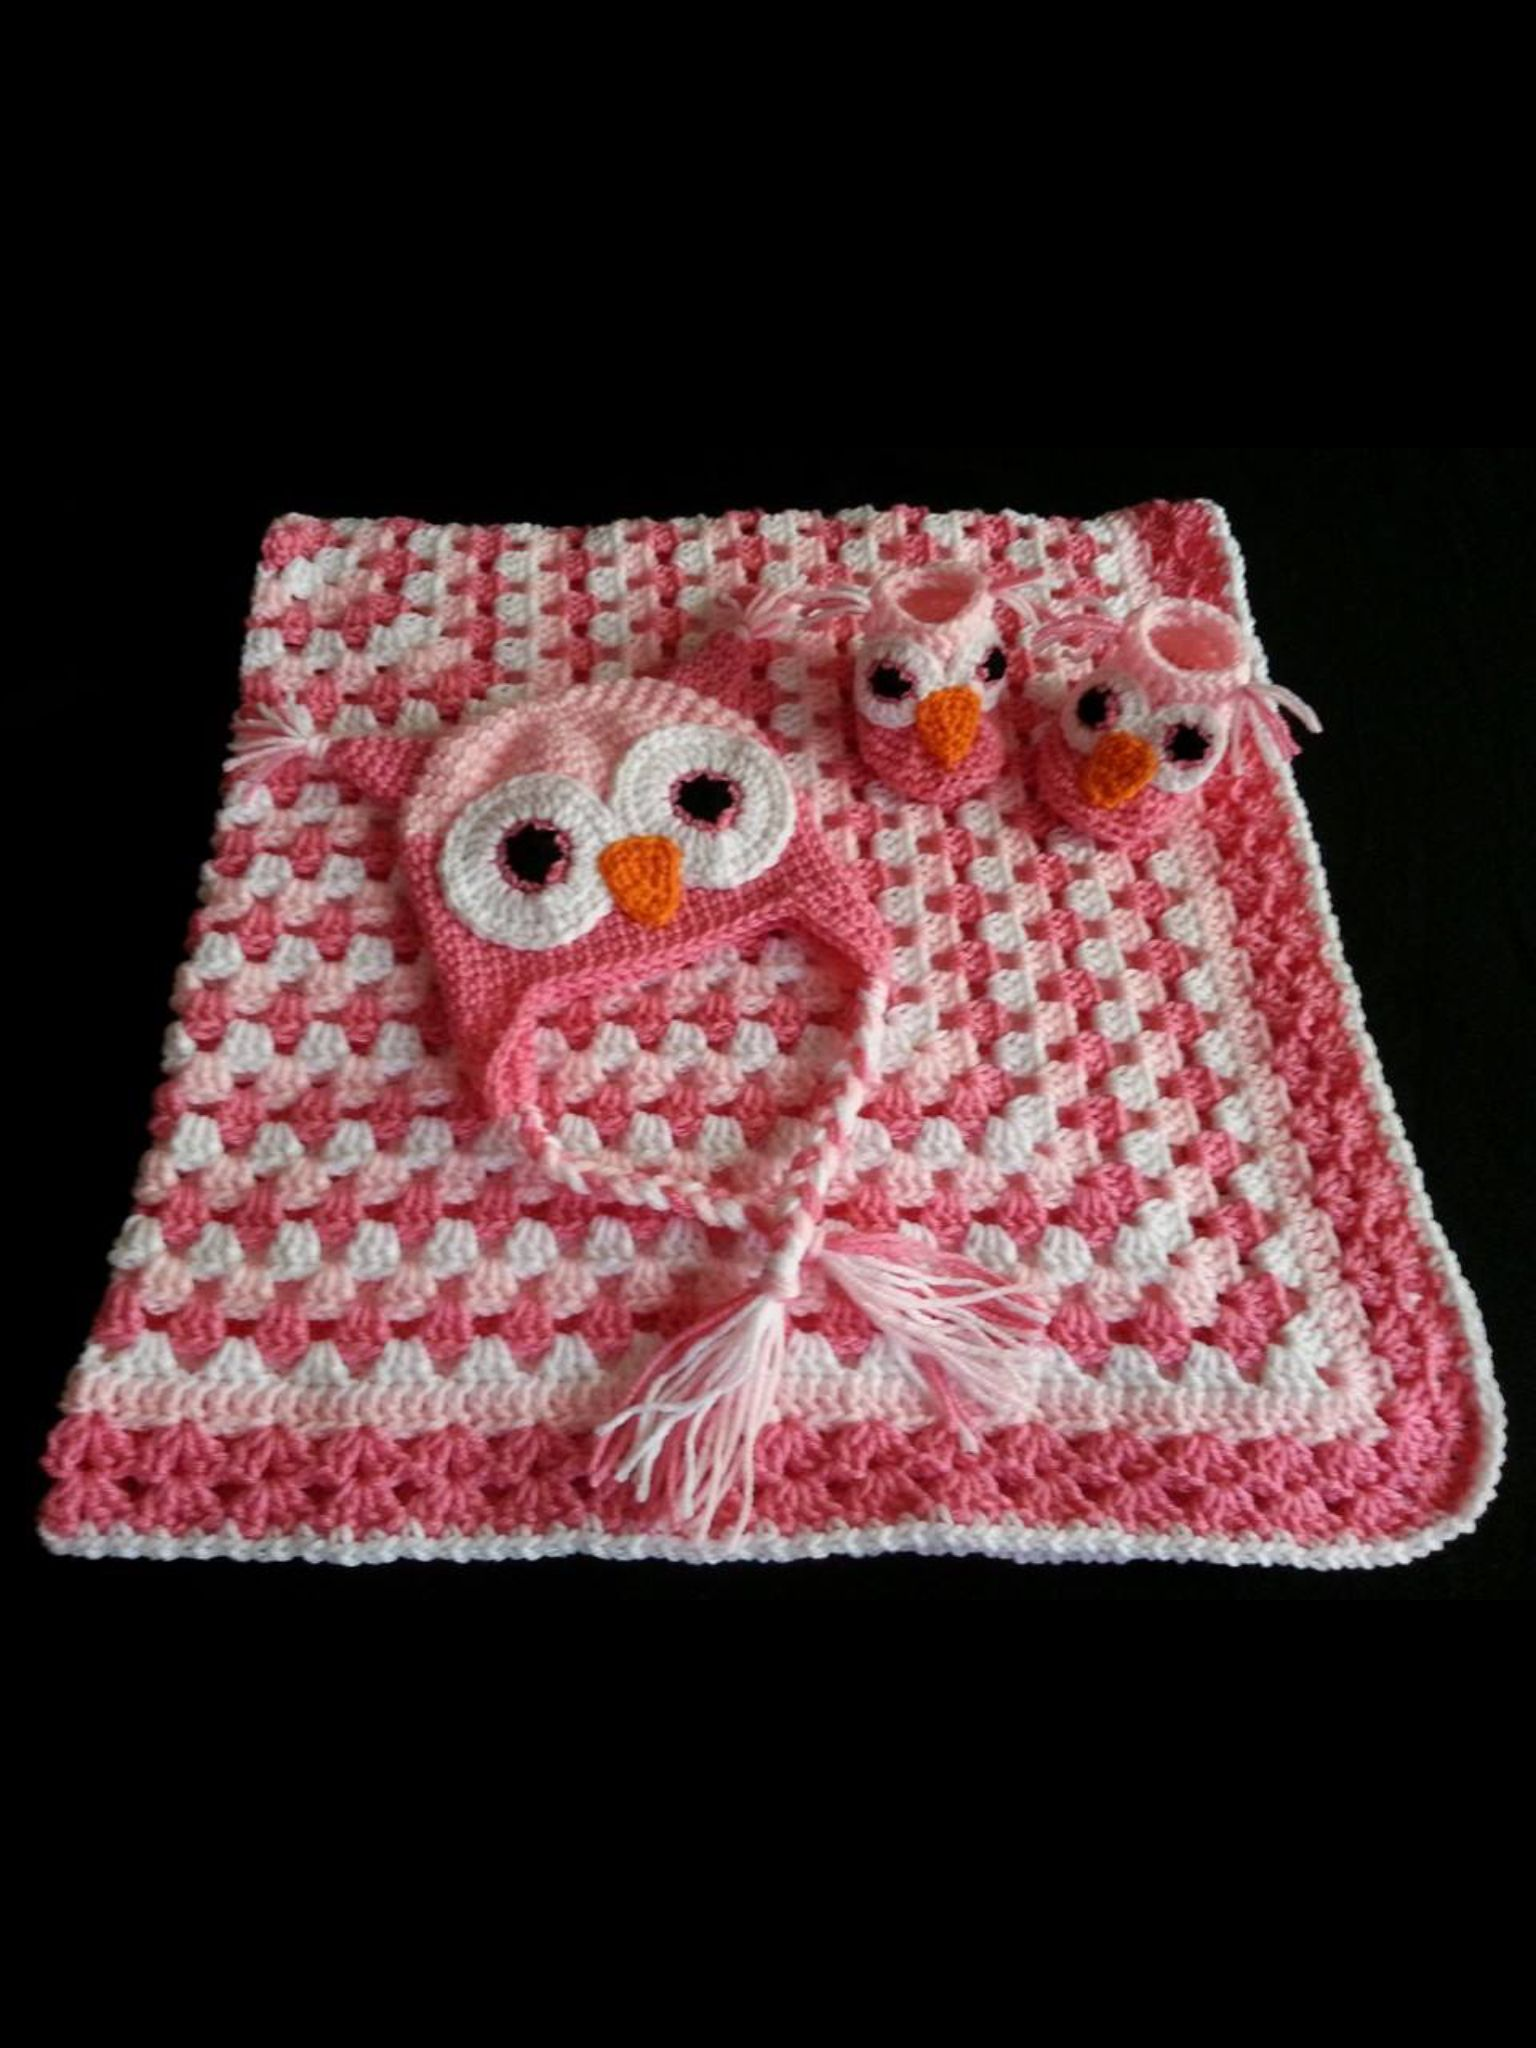 Crochet Owl Baby Set | Crochet Baby | Pinterest | Crochet bebe, Bebe ...